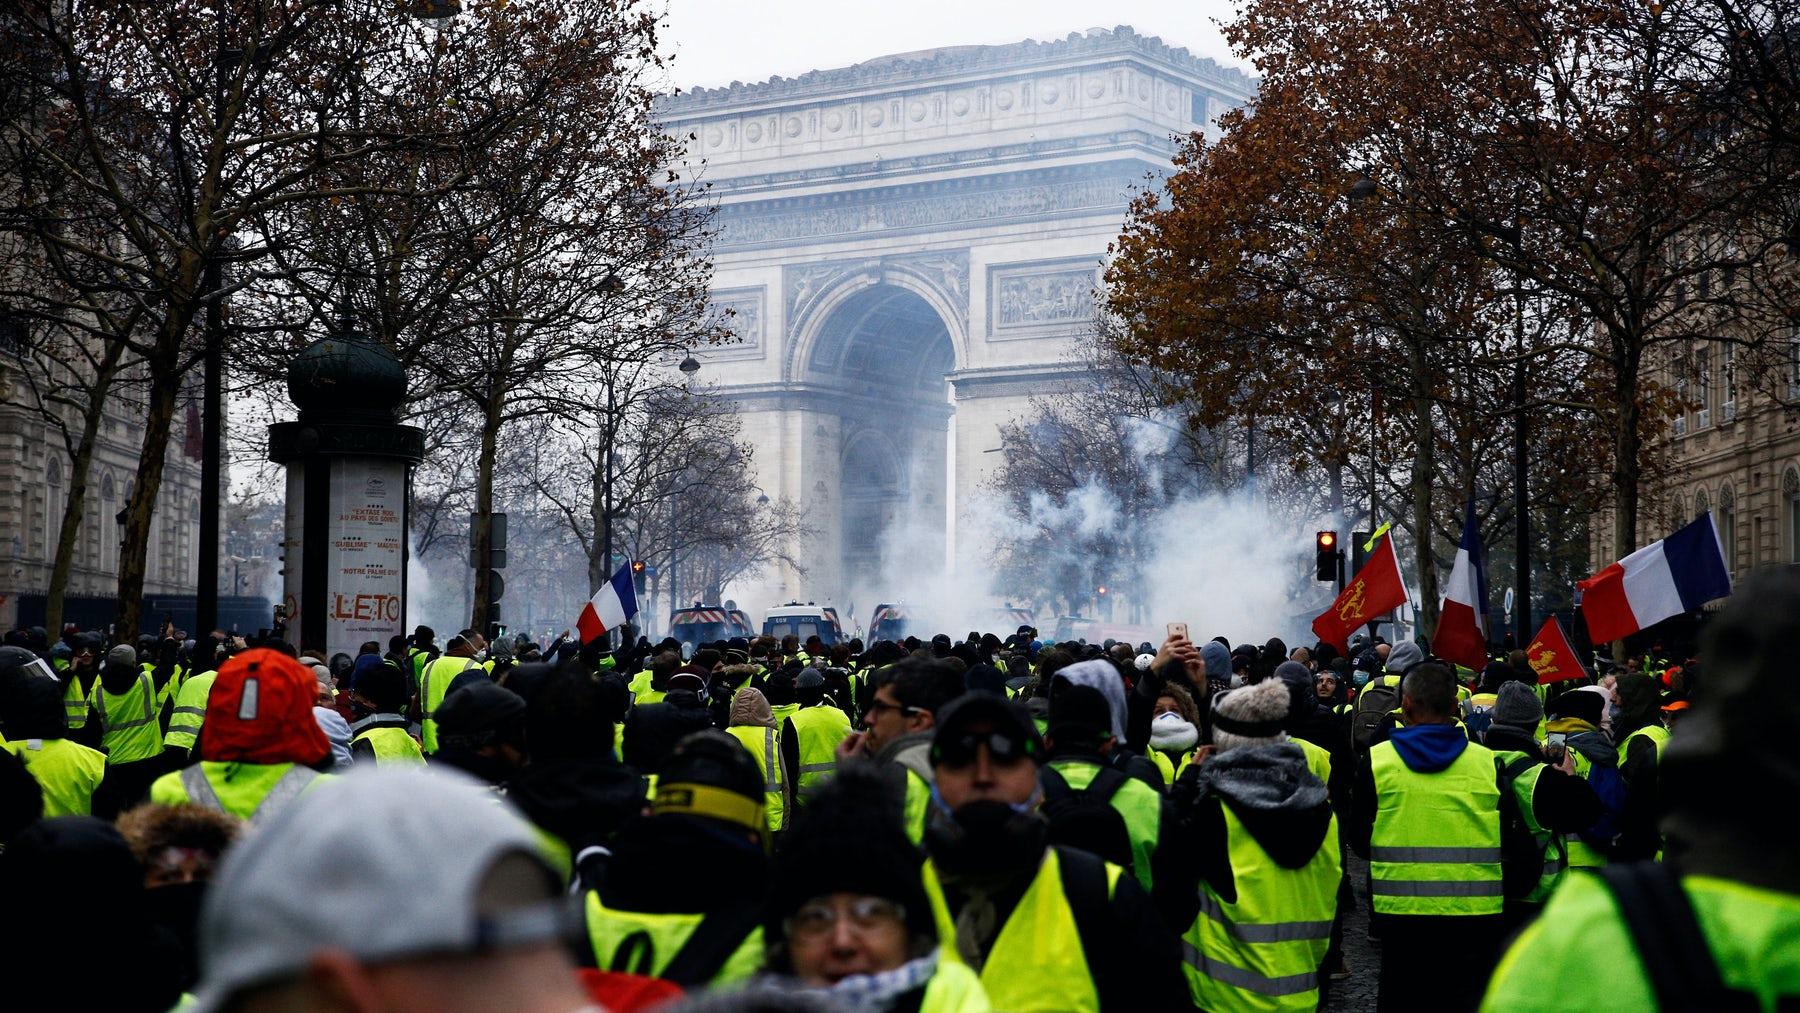 Yellow vest protesters at the Champs-Élysées in Paris, France